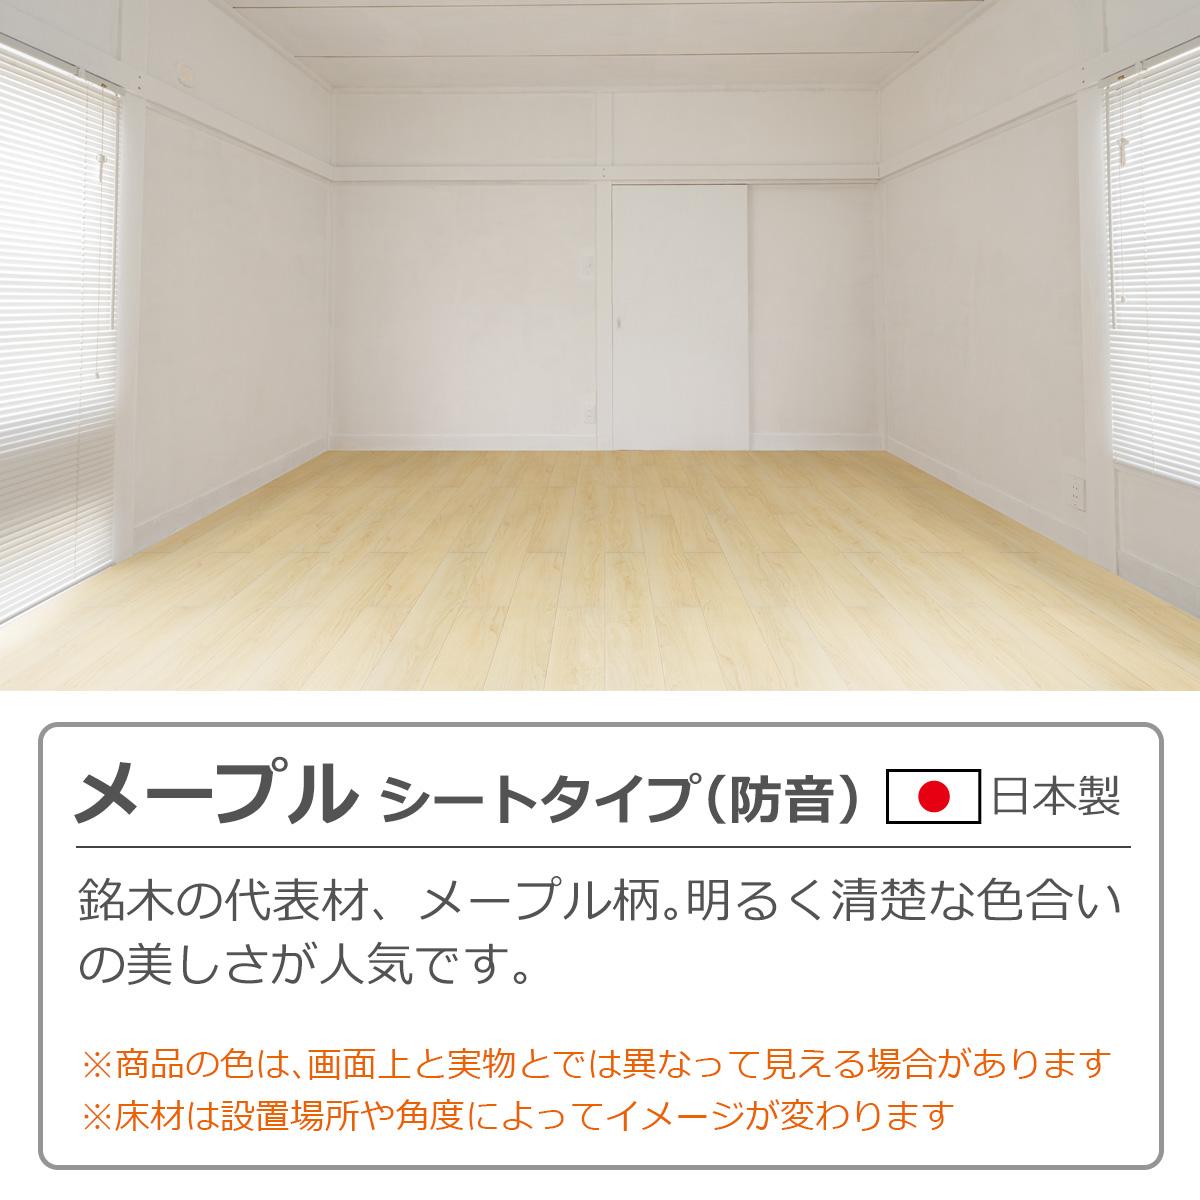 メープル シートタイプ(防音) 日本製 銘木の代表材、メープル柄。明るく清楚な色合いの美しさが人気です ※商品の色は、画面上と実物とでは異なって見える場合があります ※床材は設置場所や角度によってイメージが変わります